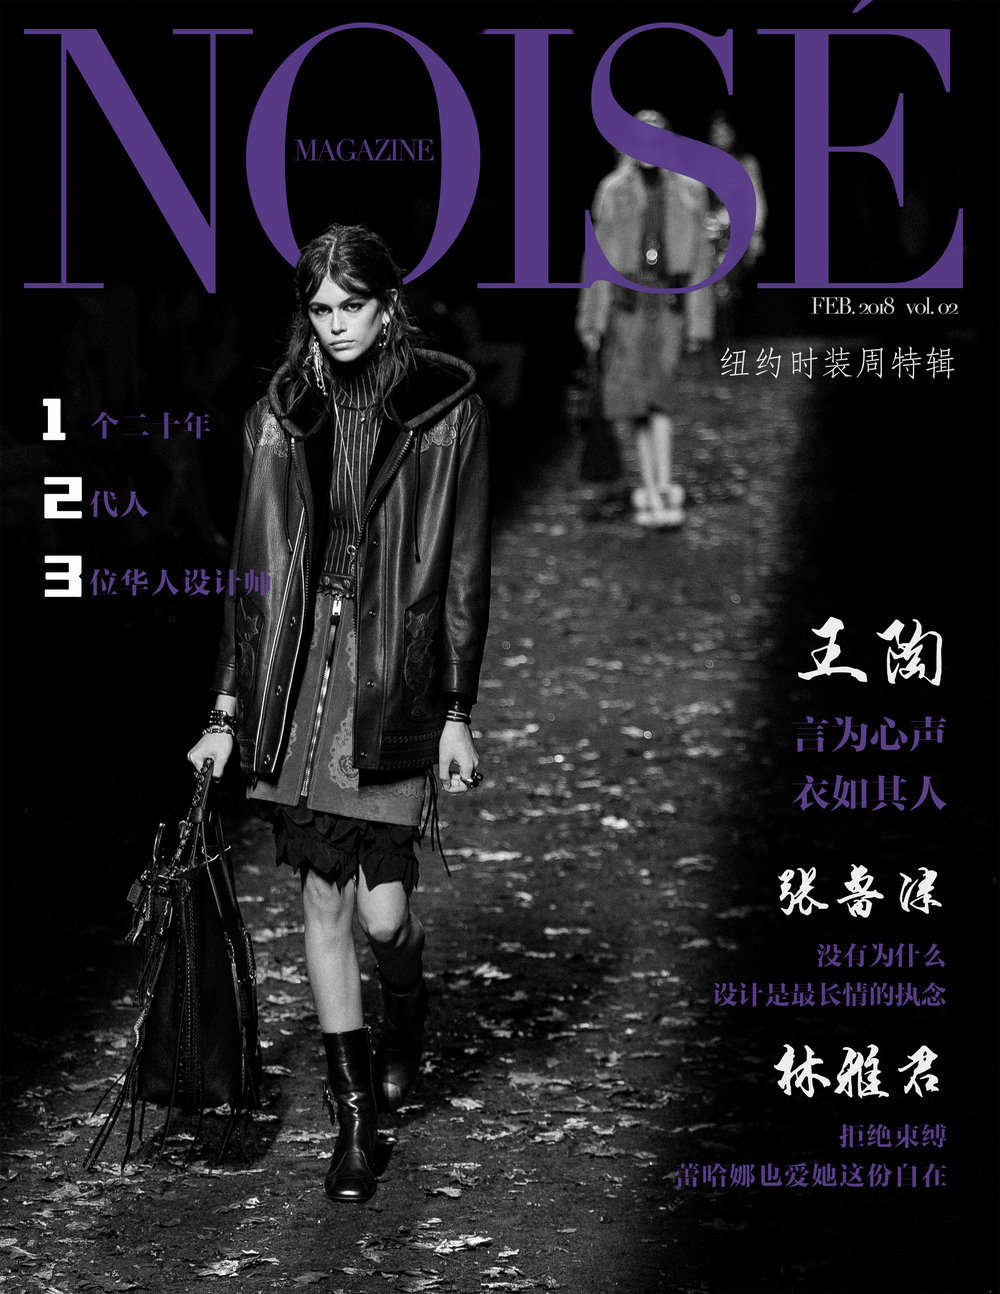 vol.02 NYFW Cover.jpg